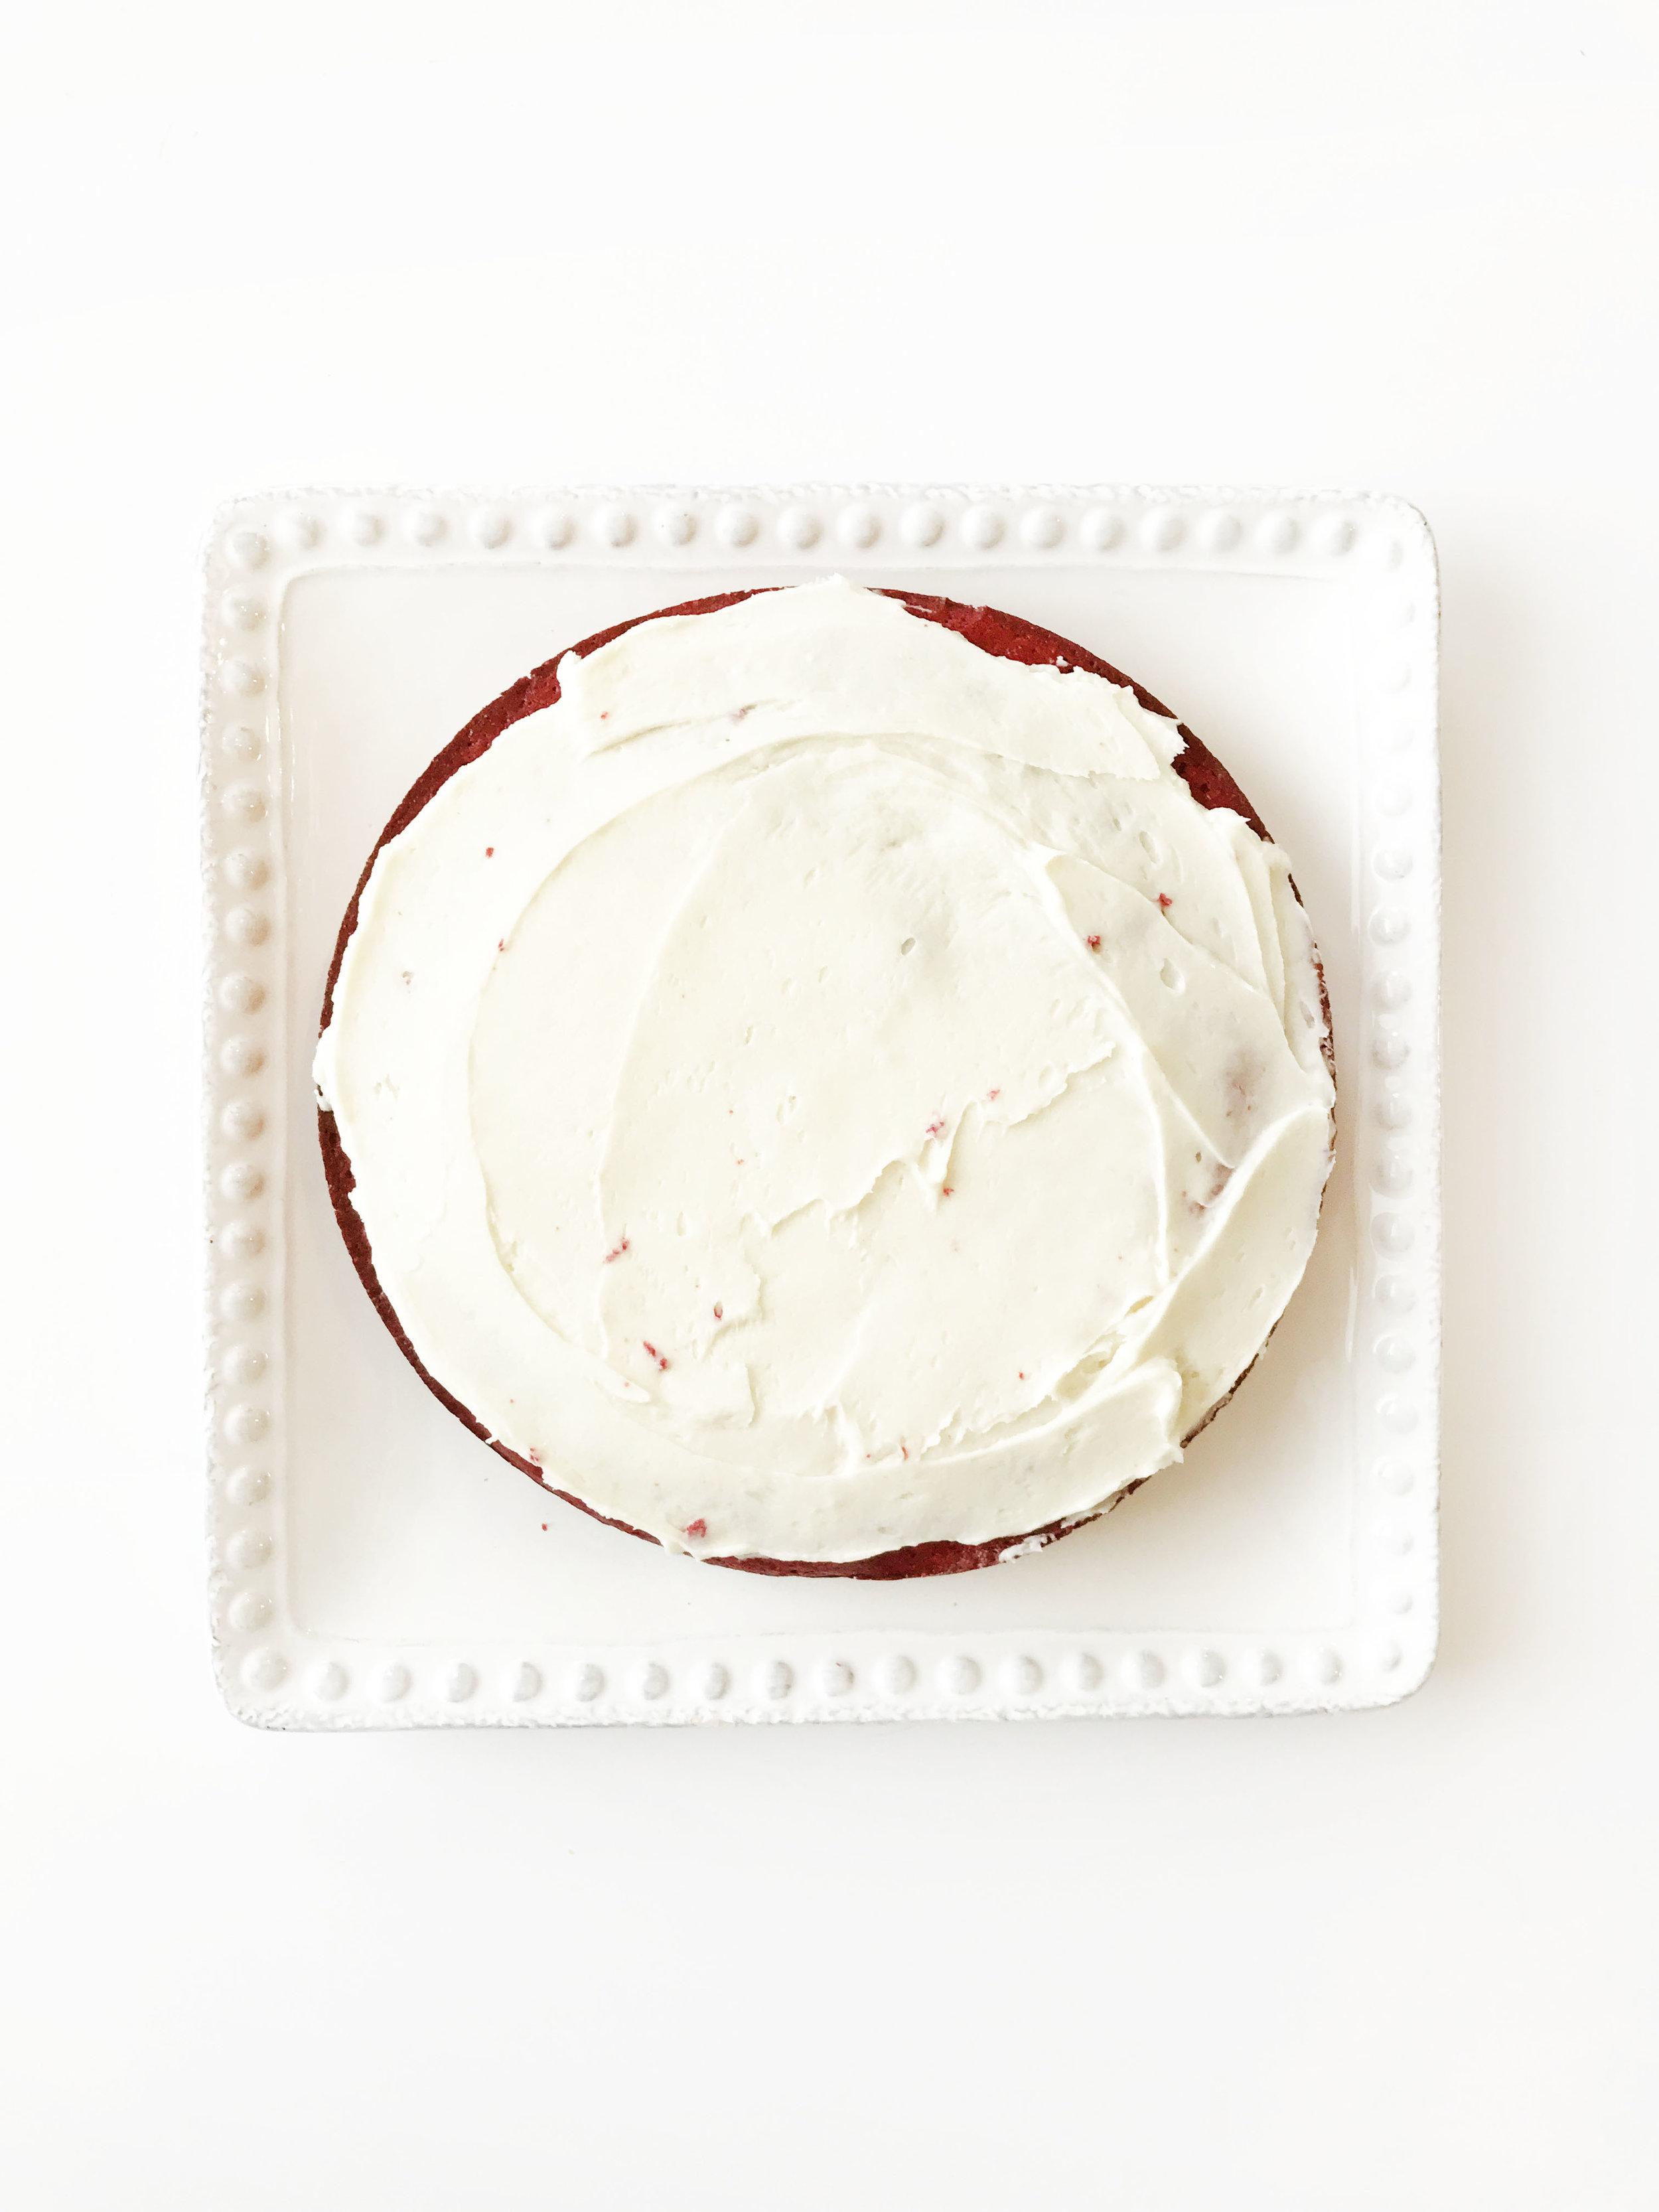 red-velvet-cake12.jpg